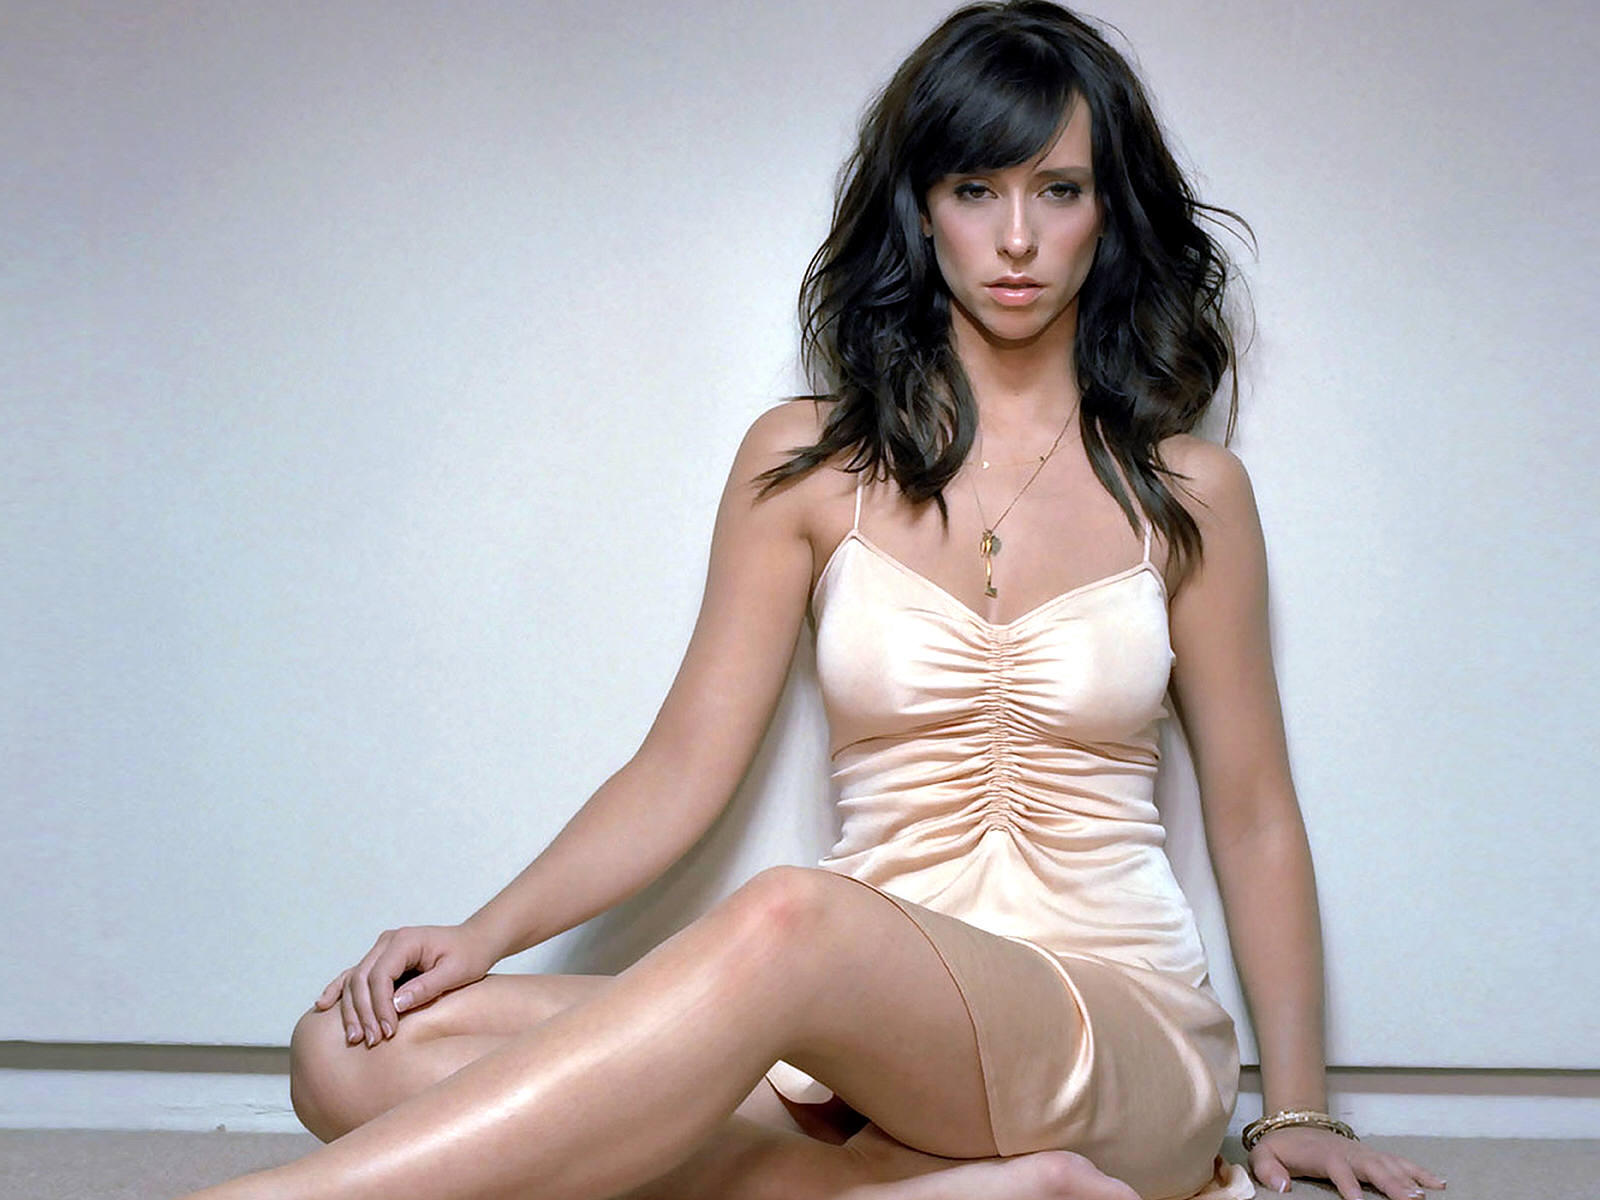 Jennifer Hewitt Profile And Beautiful Latest Hot Wallpaper